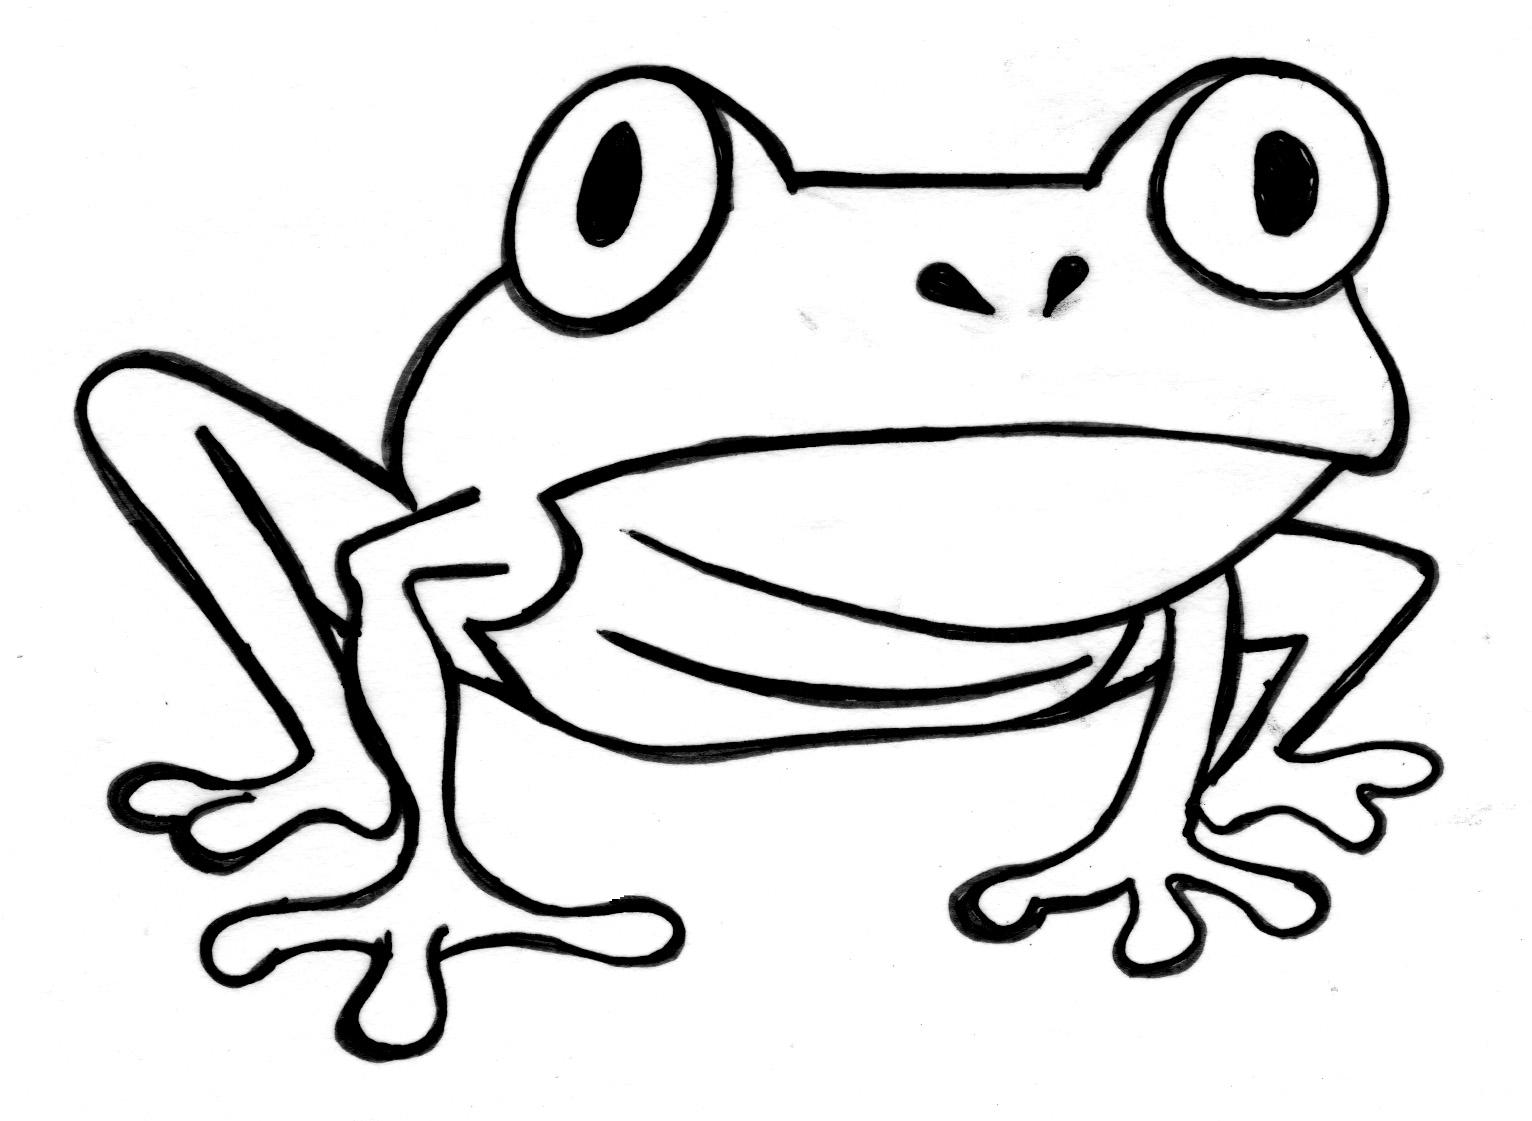 Frog Outline.